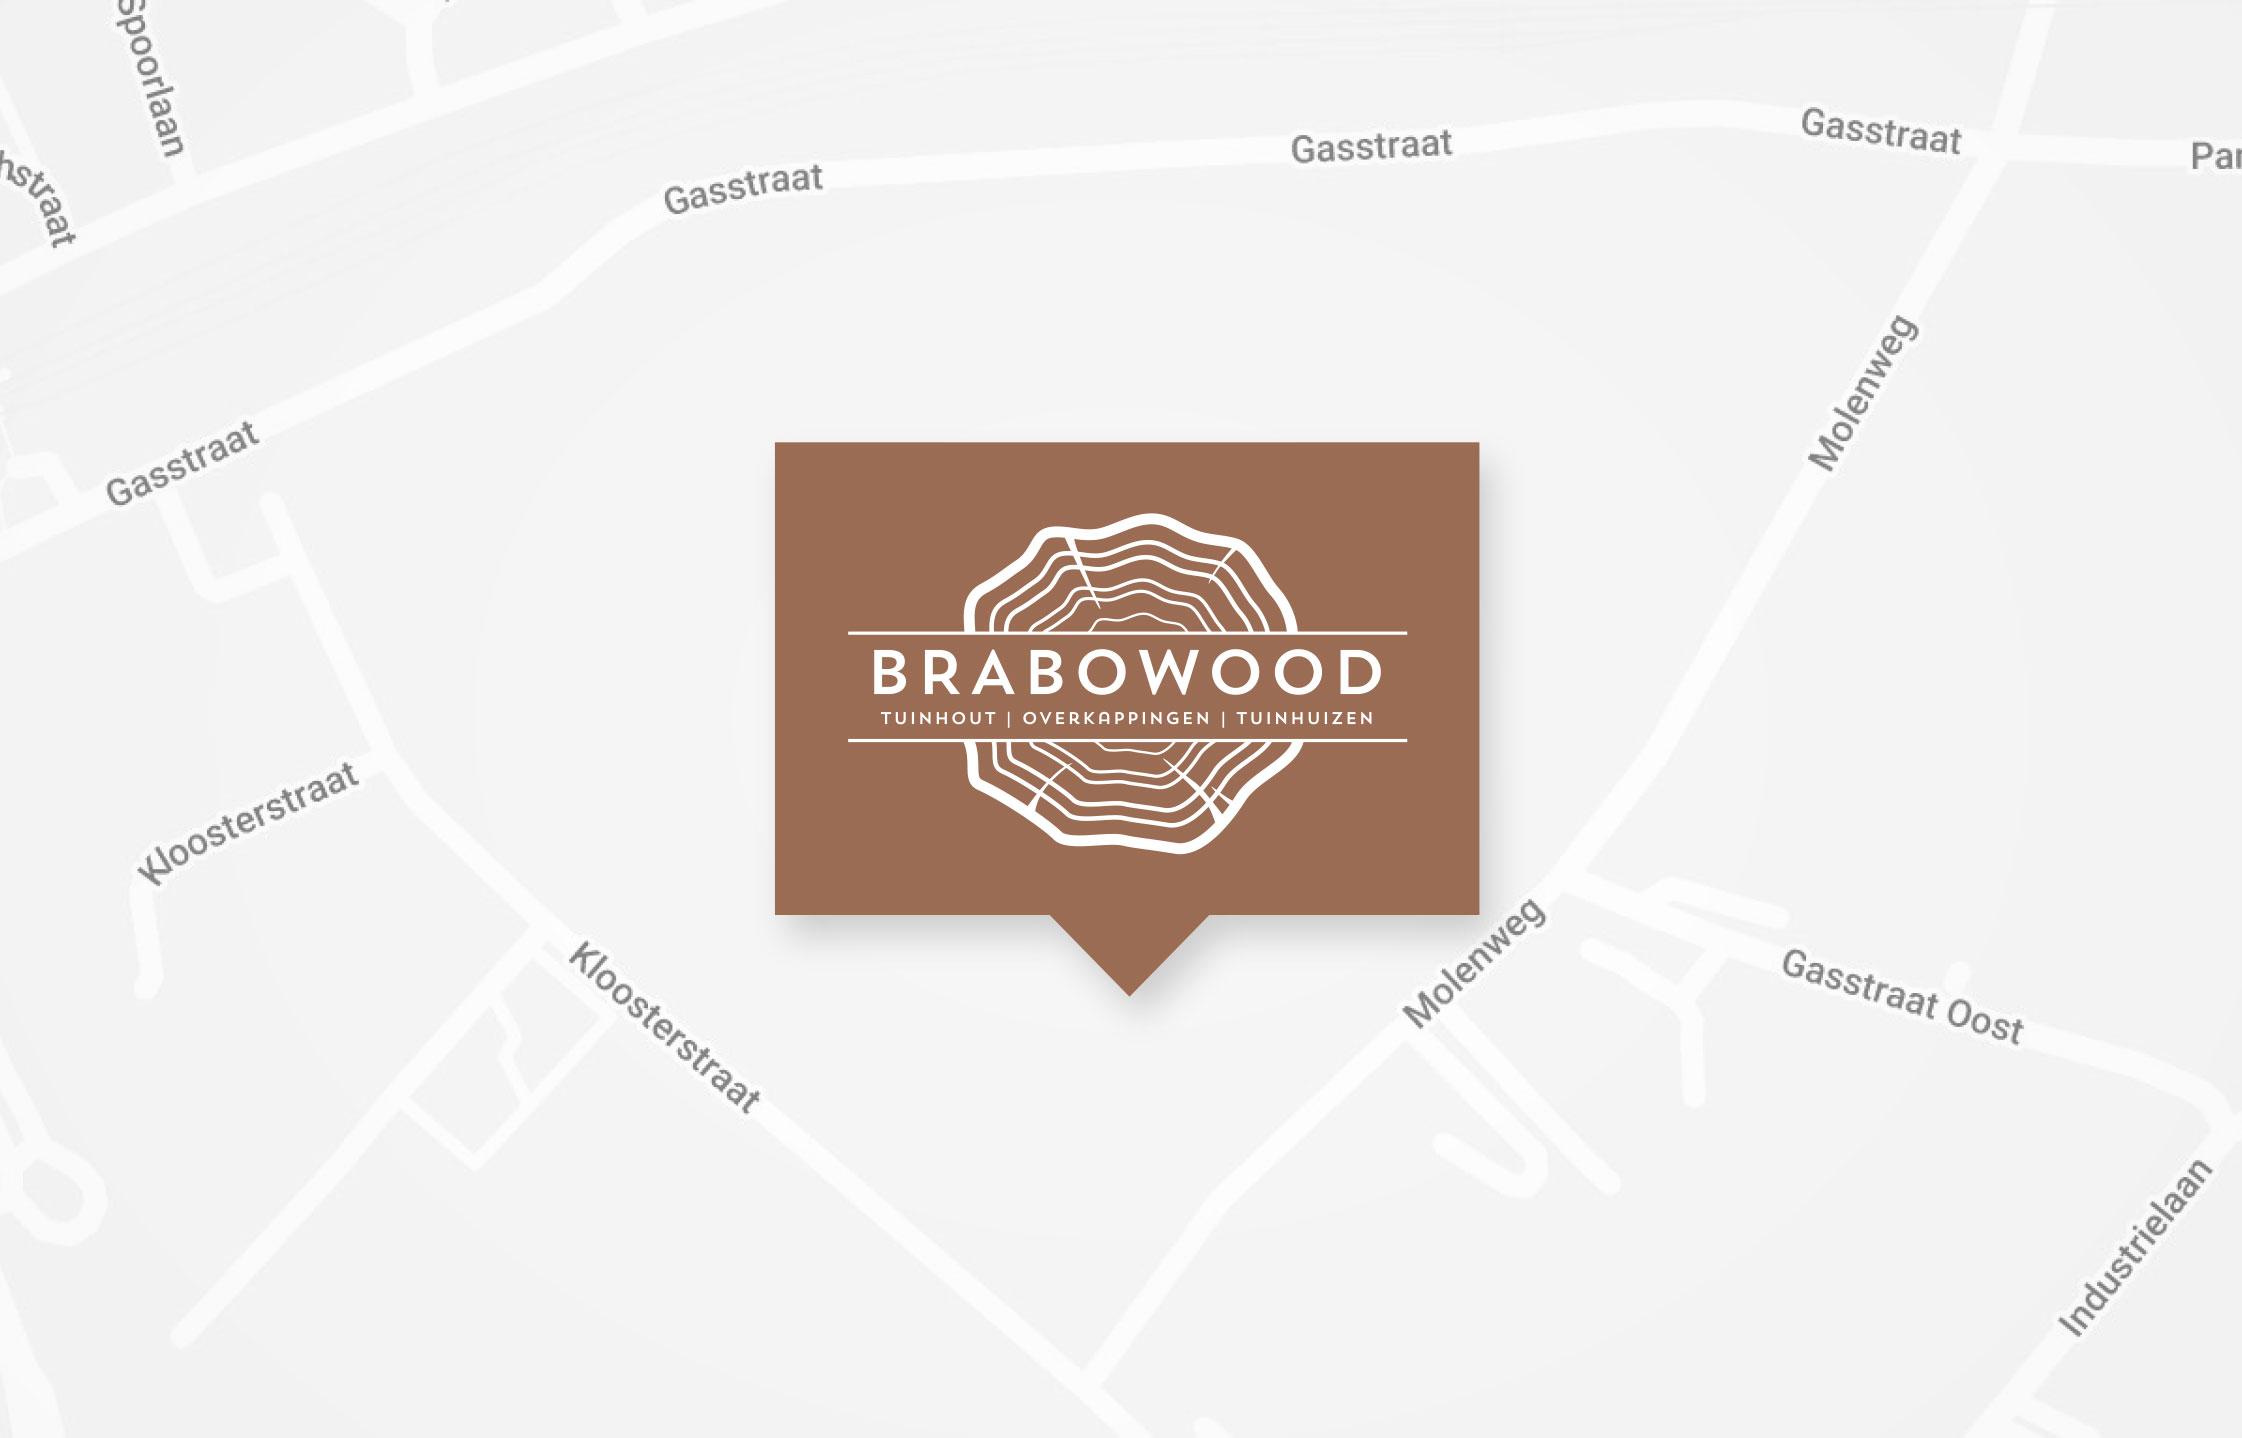 Thuinhout-overkappingen-tuinhuizen-oss-brabowood-Contact-mapje